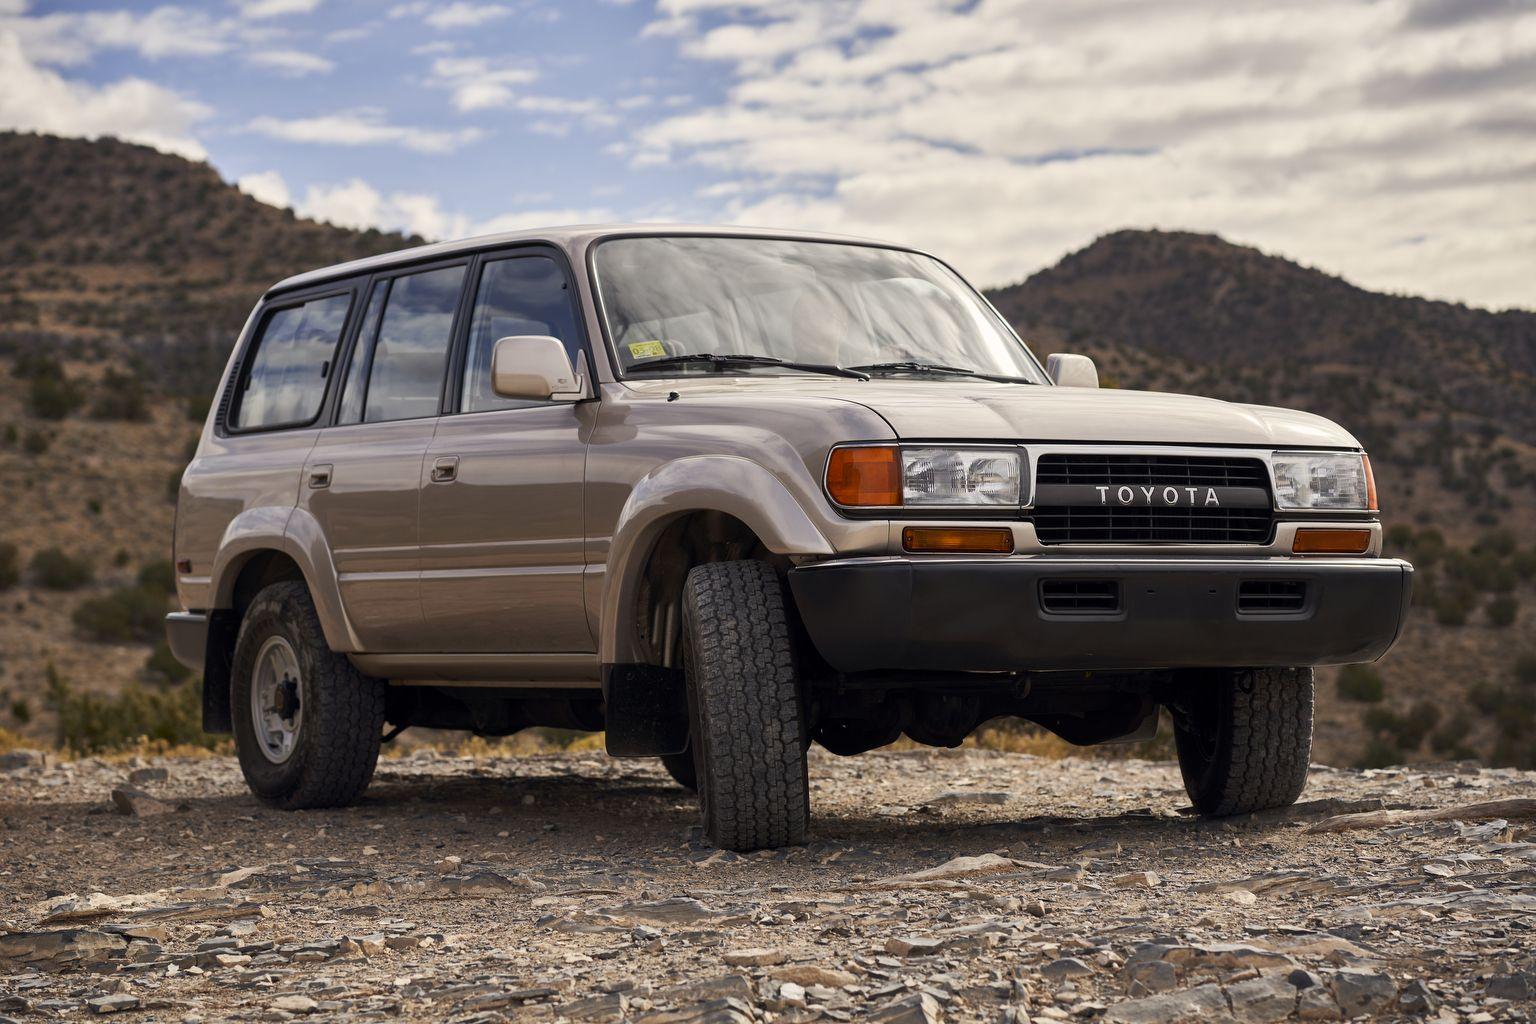 Kelebihan Kekurangan Toyota 80 Top Model Tahun Ini